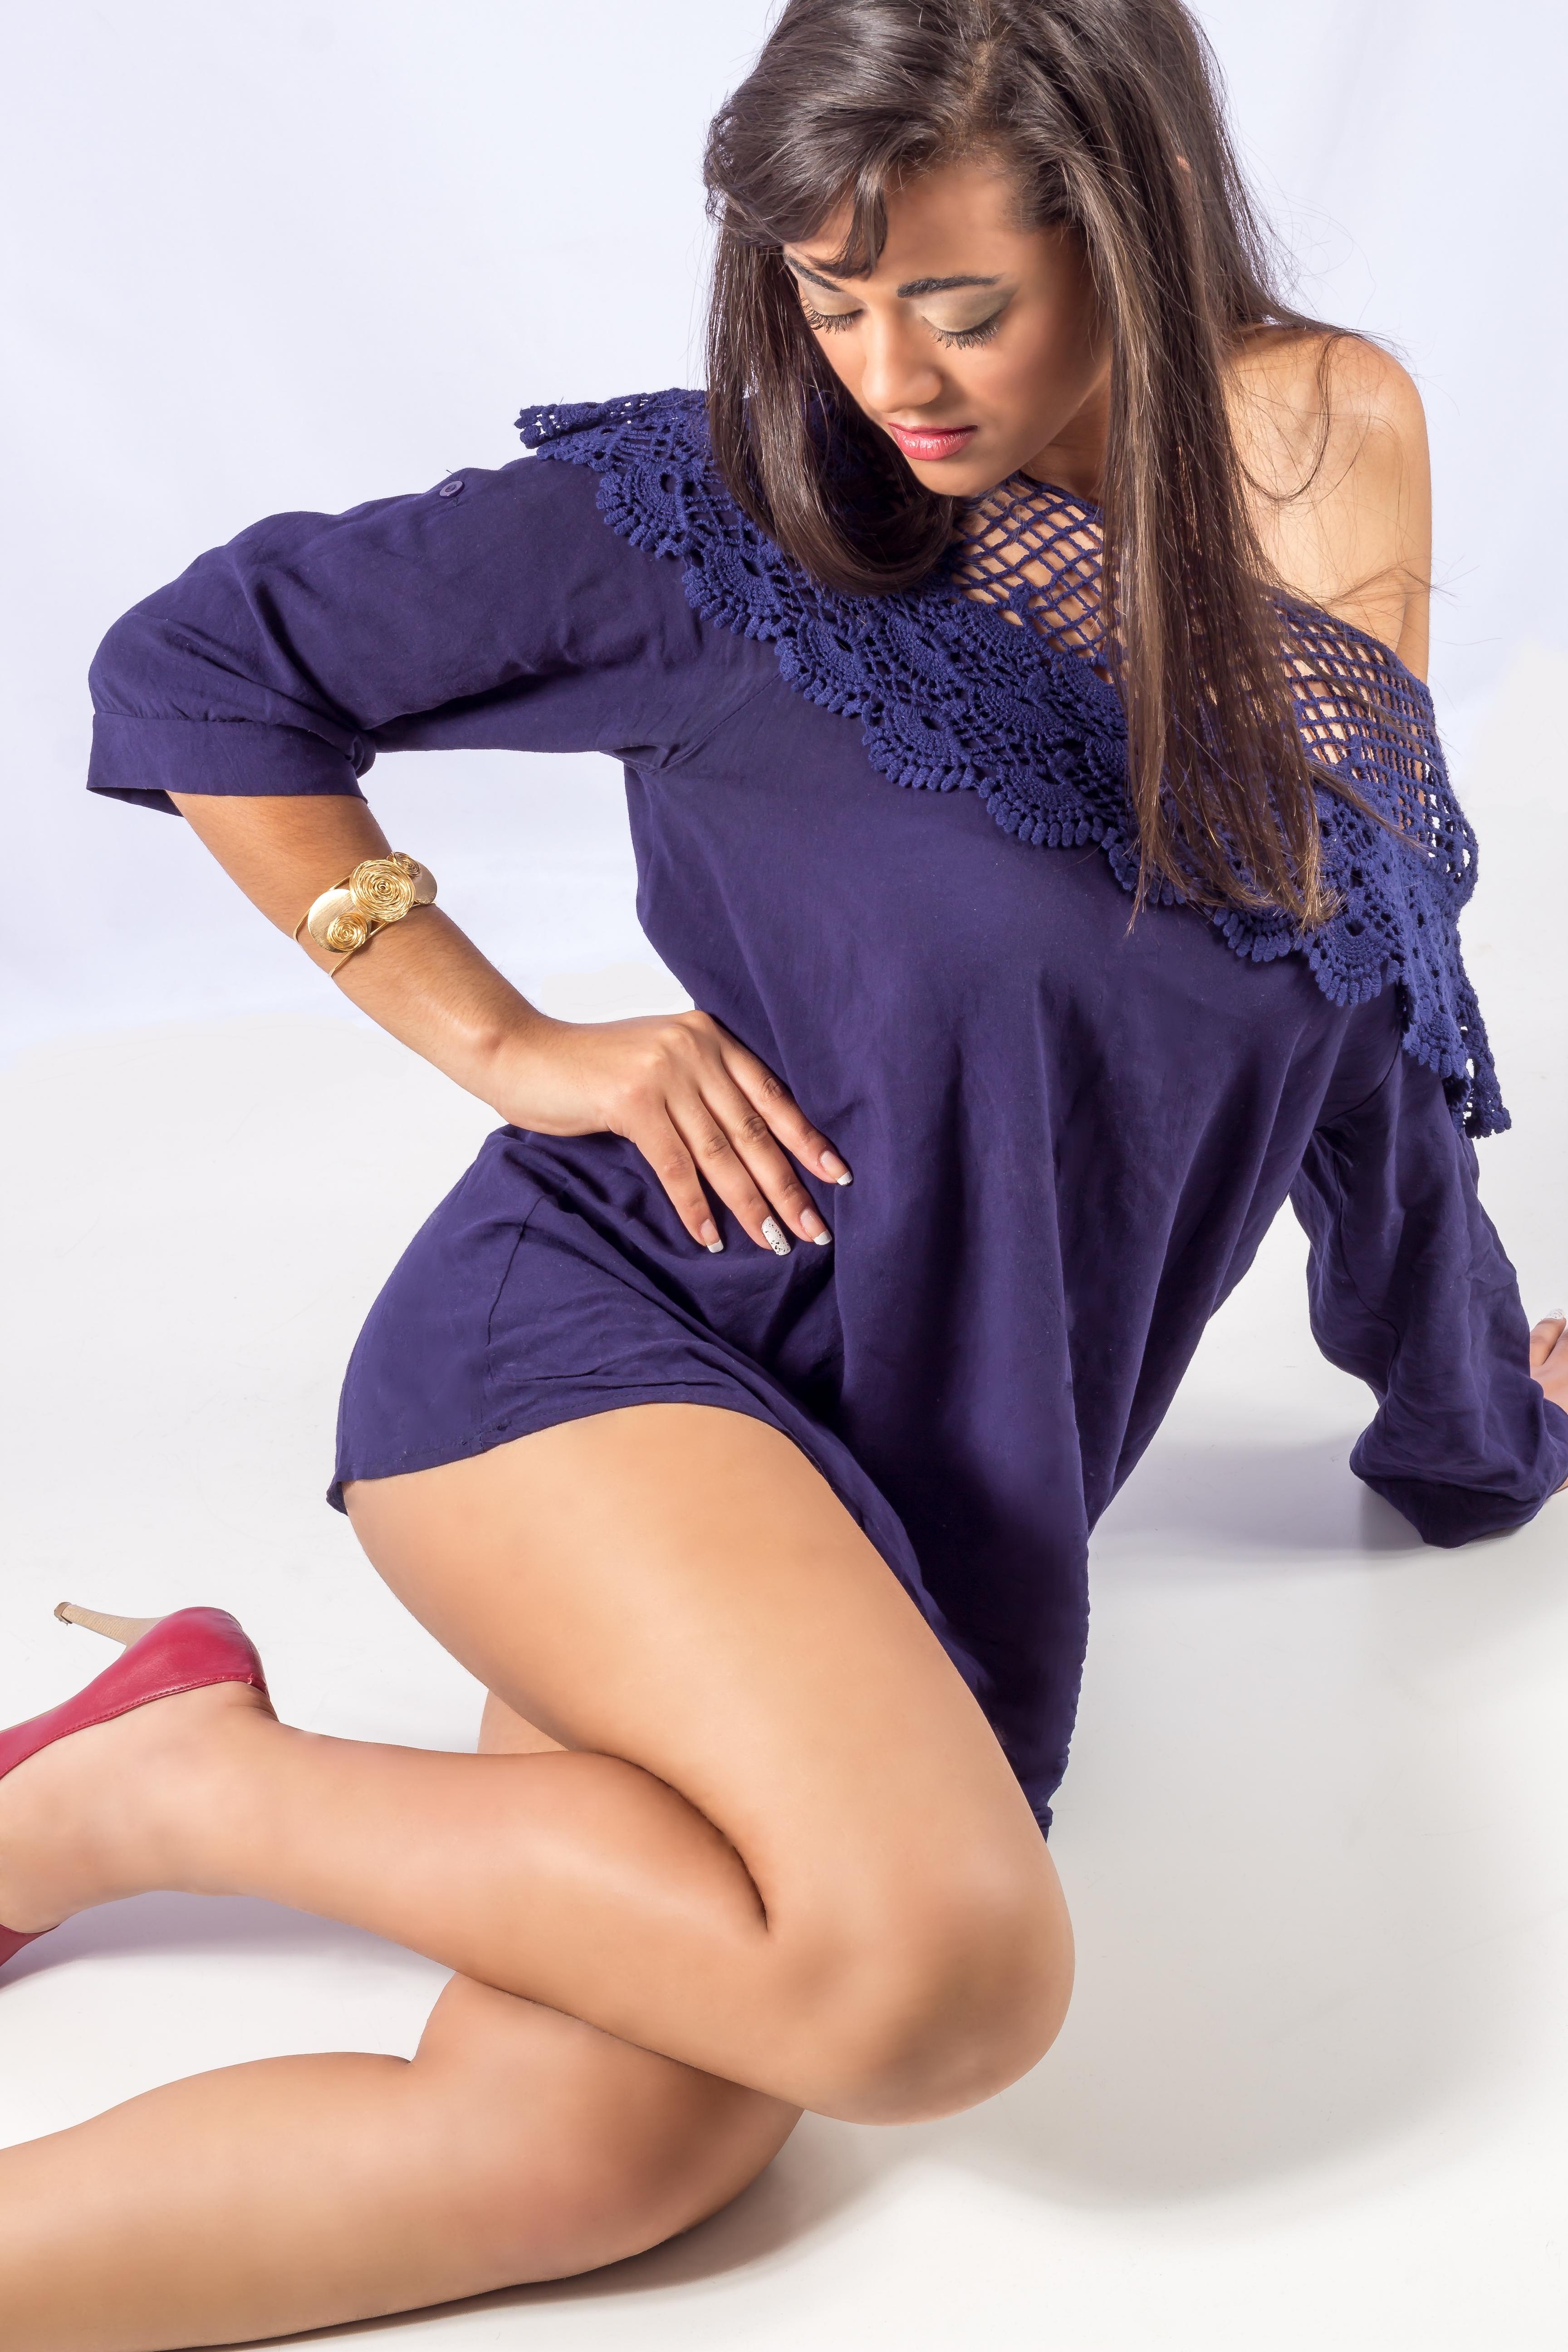 Kauana Lopes